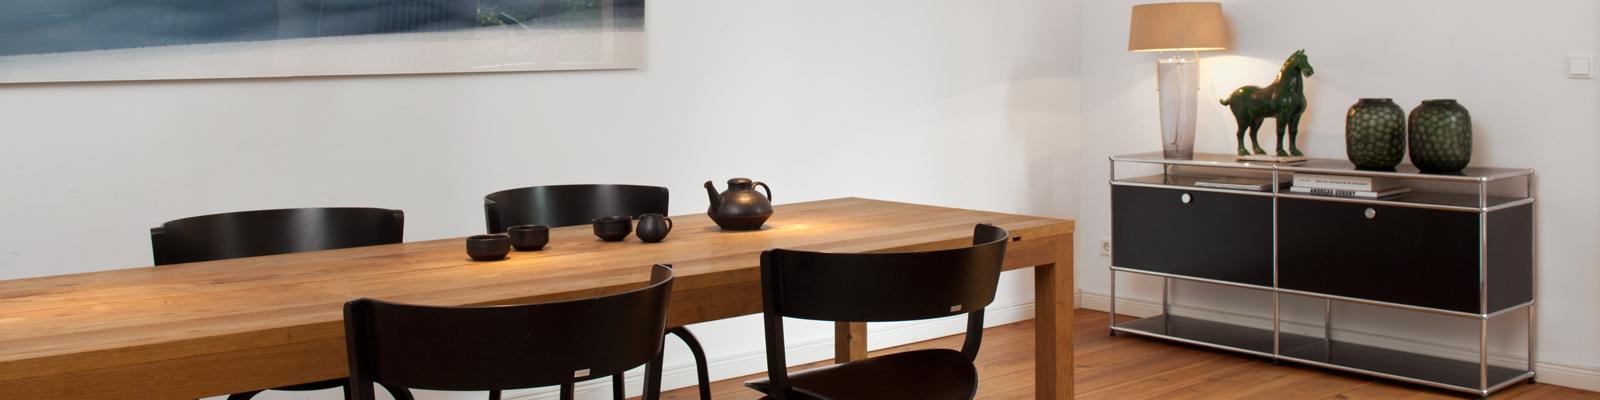 bdia berlin brandenburg bdia bund deutscher innenarchitekten. Black Bedroom Furniture Sets. Home Design Ideas